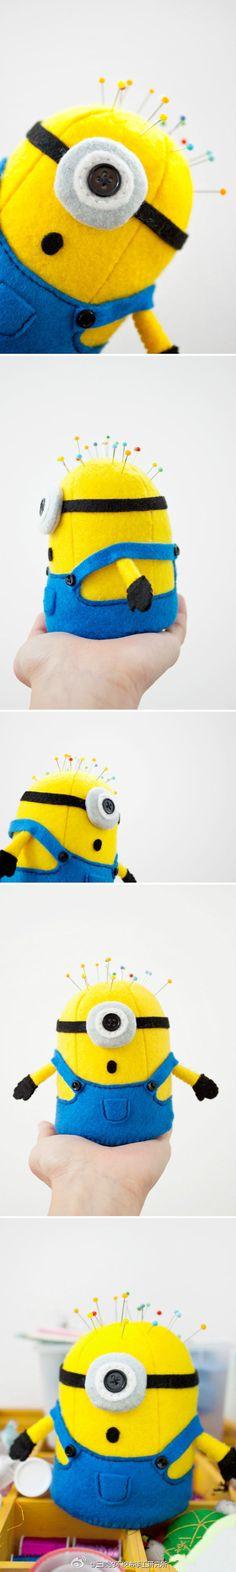 I want this Minion pincushion! Sooo cute!